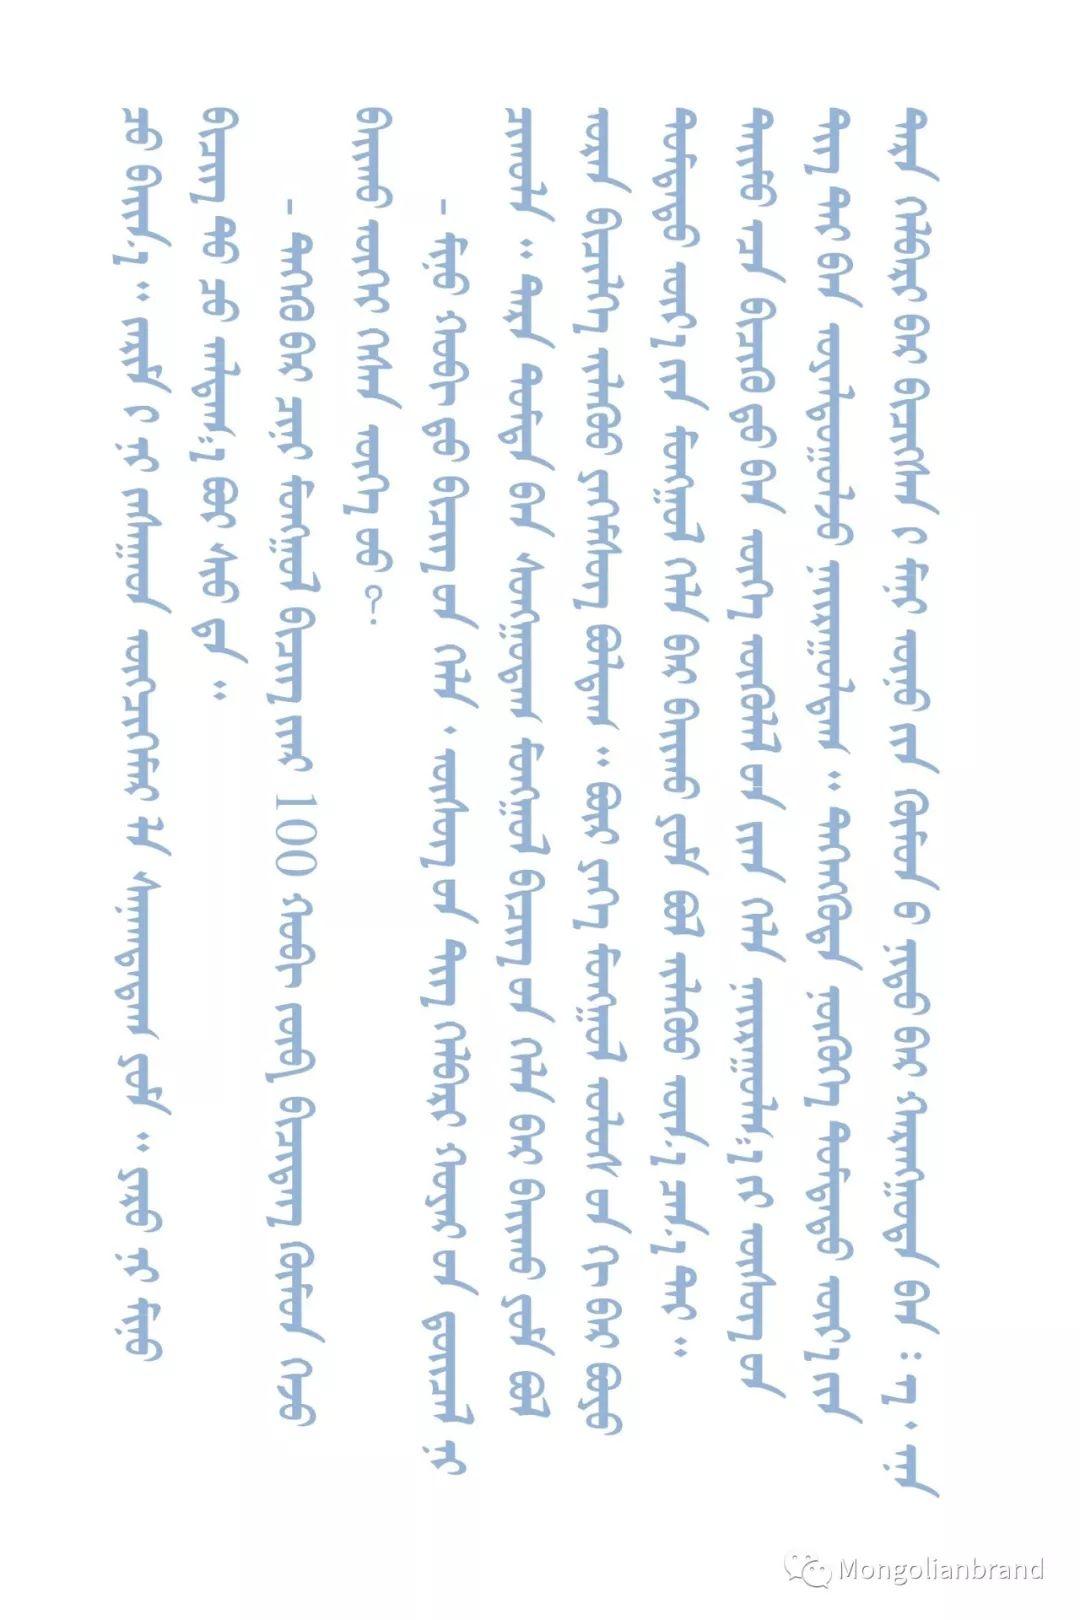 蒙古字体设计专家Jamiyansuren:让每个蒙古人掌握传统蒙古文是我们的终极目标 第28张 蒙古字体设计专家Jamiyansuren:让每个蒙古人掌握传统蒙古文是我们的终极目标 蒙古文化